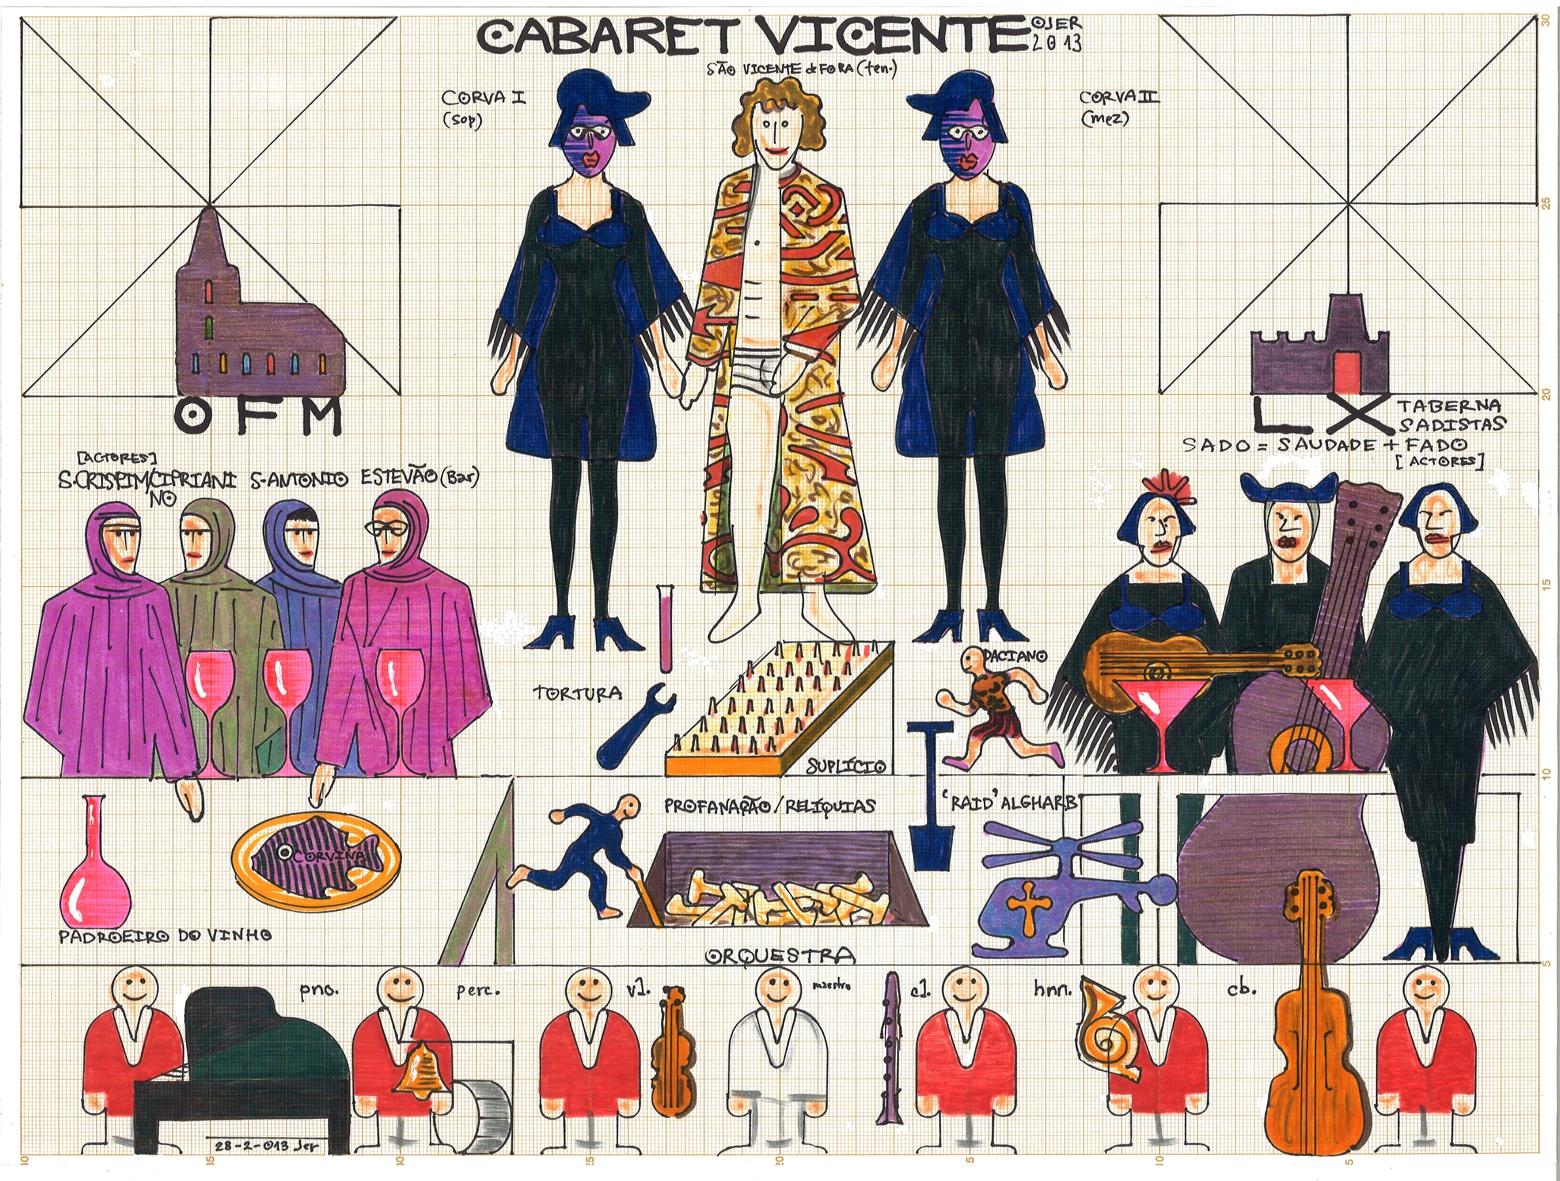 Cabaret Vicente©JER